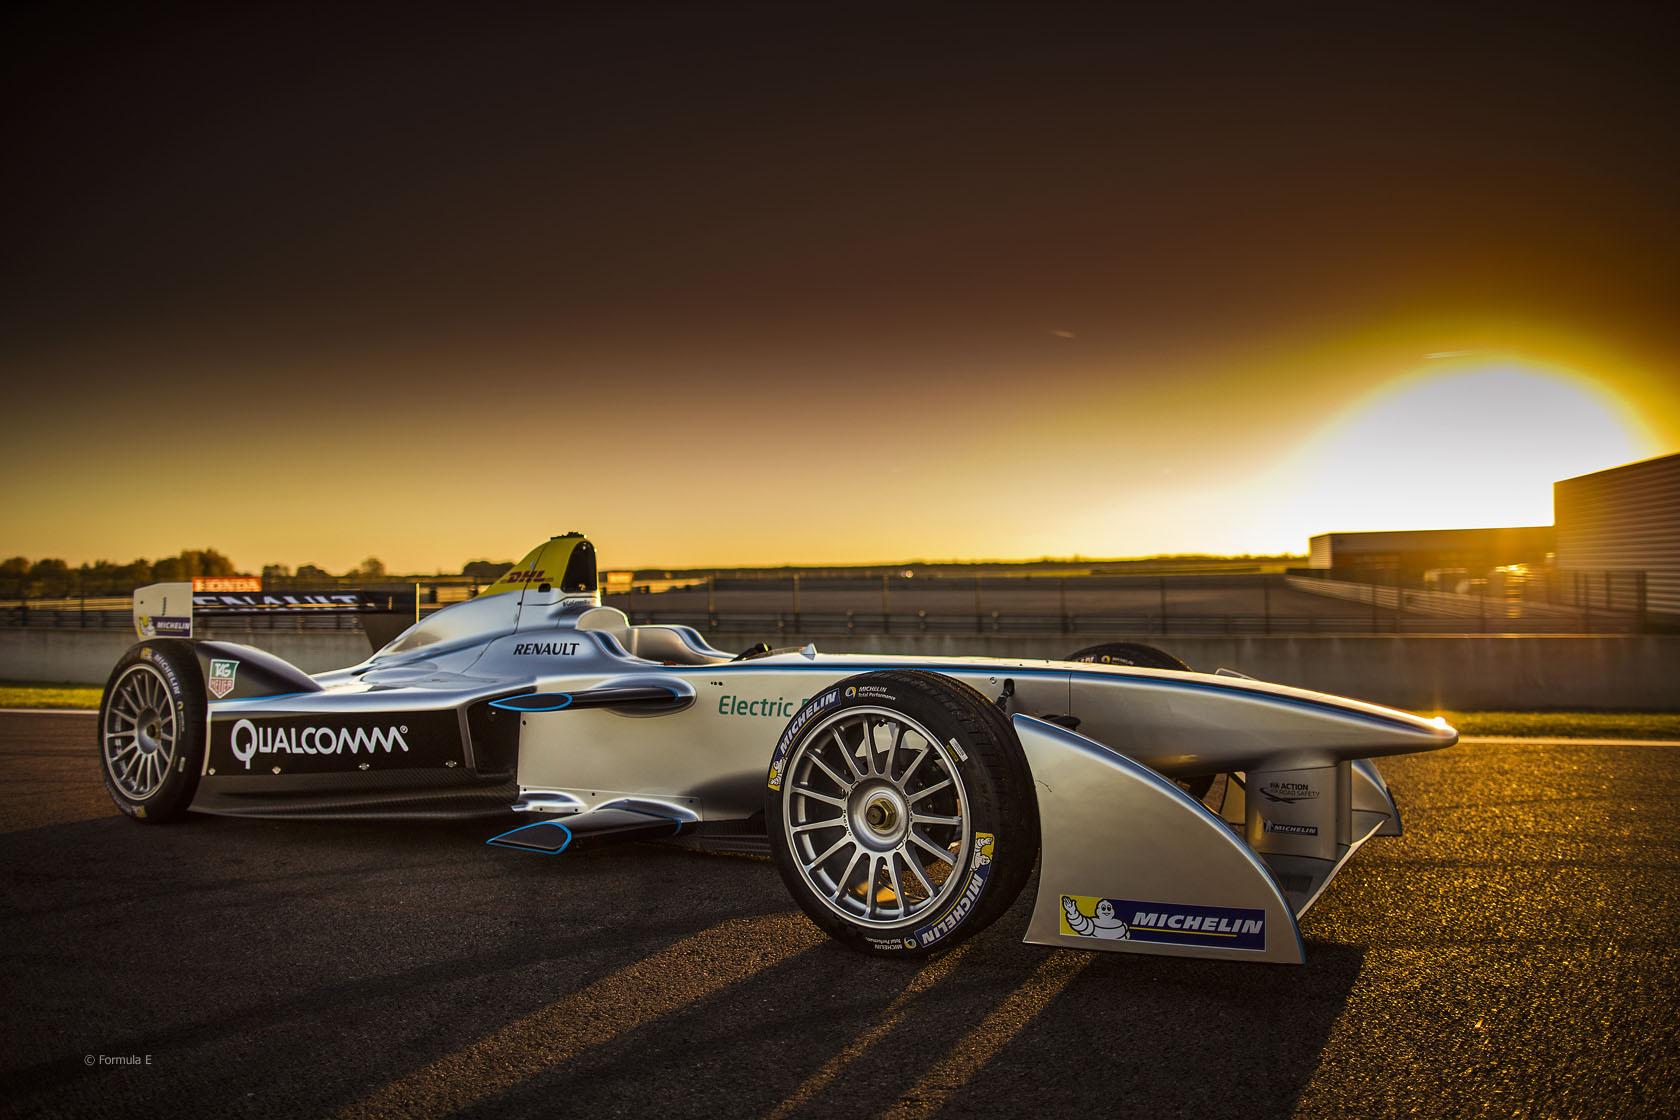 AUTO – FORMULA E TESTS 2013